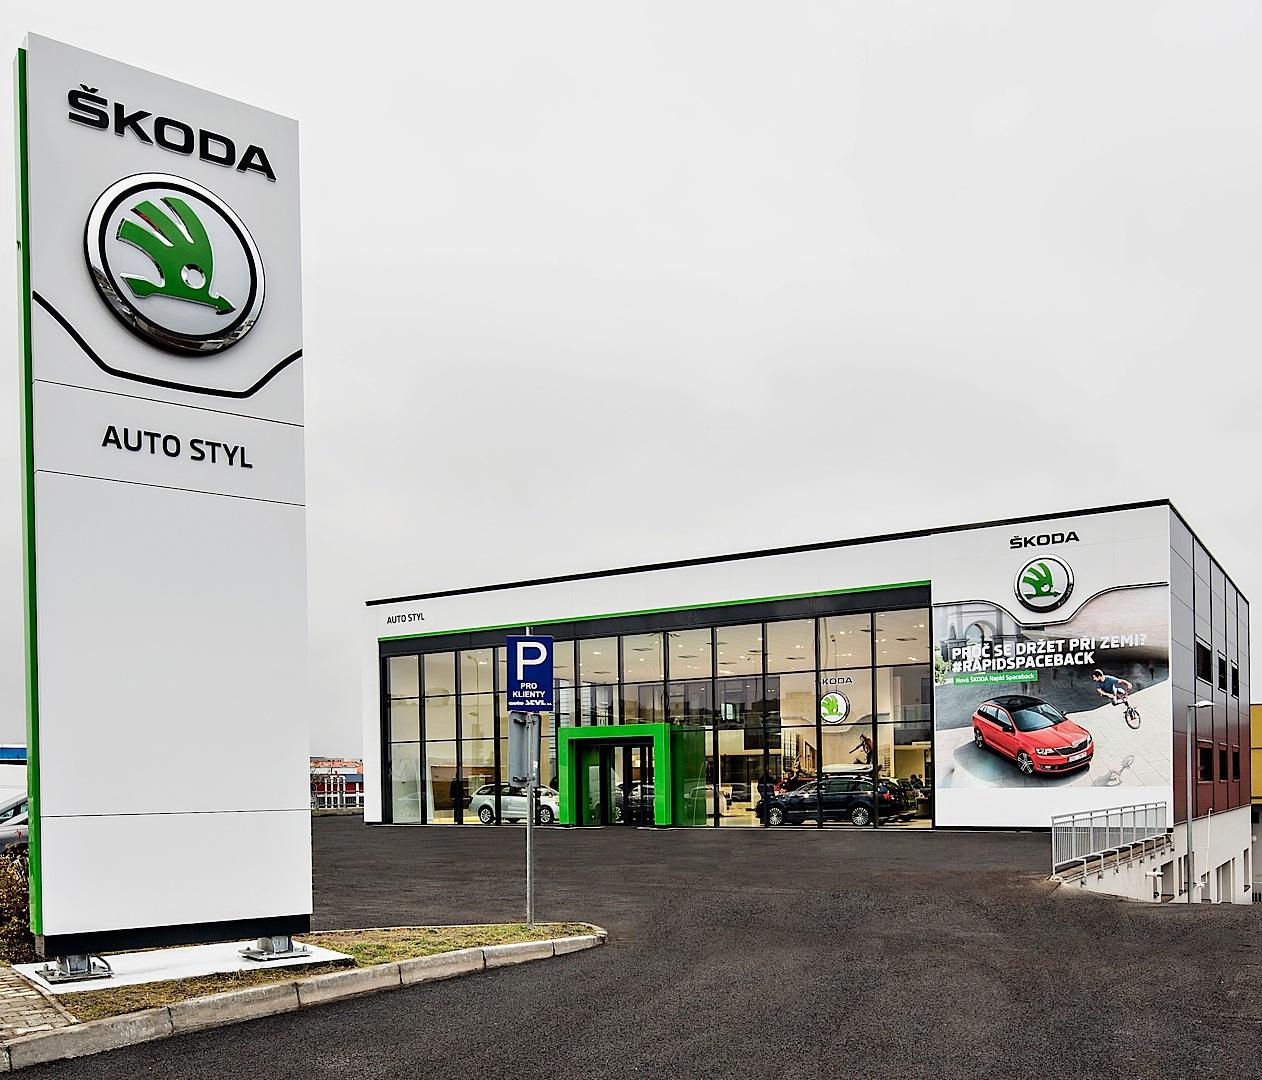 Skoda Reveals New Dealer Showroom Design